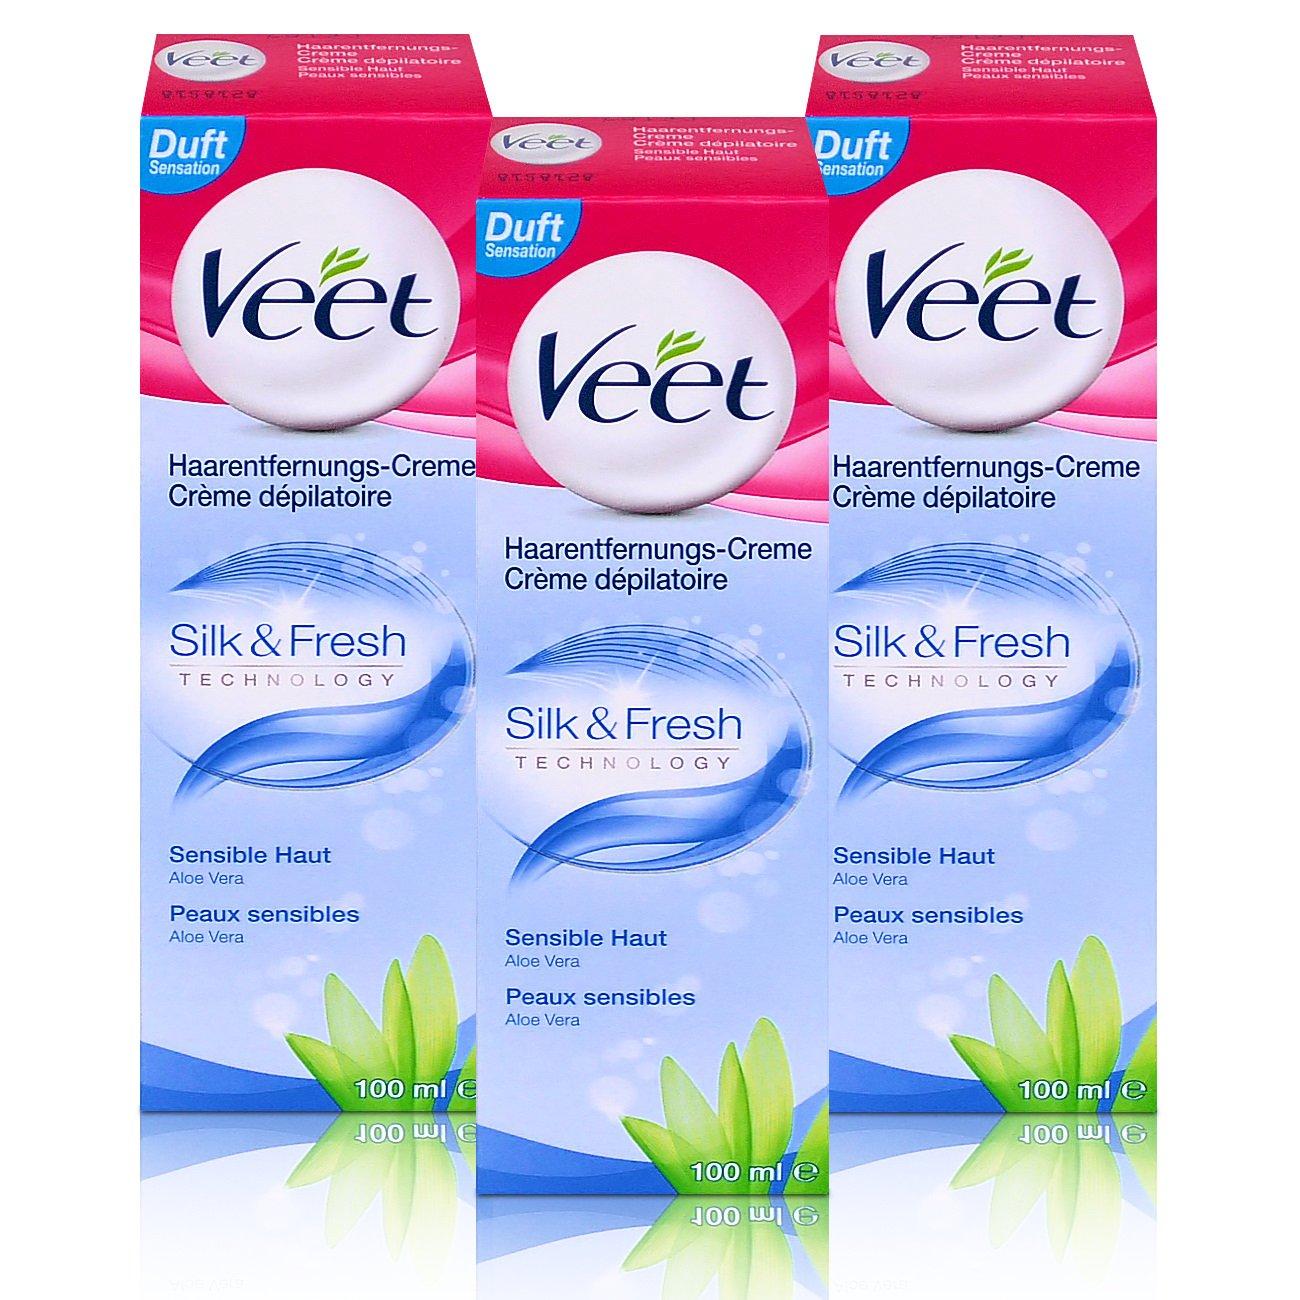 3 x Veet Crema de eliminación de vello Silk & Fresh Pieles Sensibles 100 ml: Amazon.es: Salud y cuidado personal